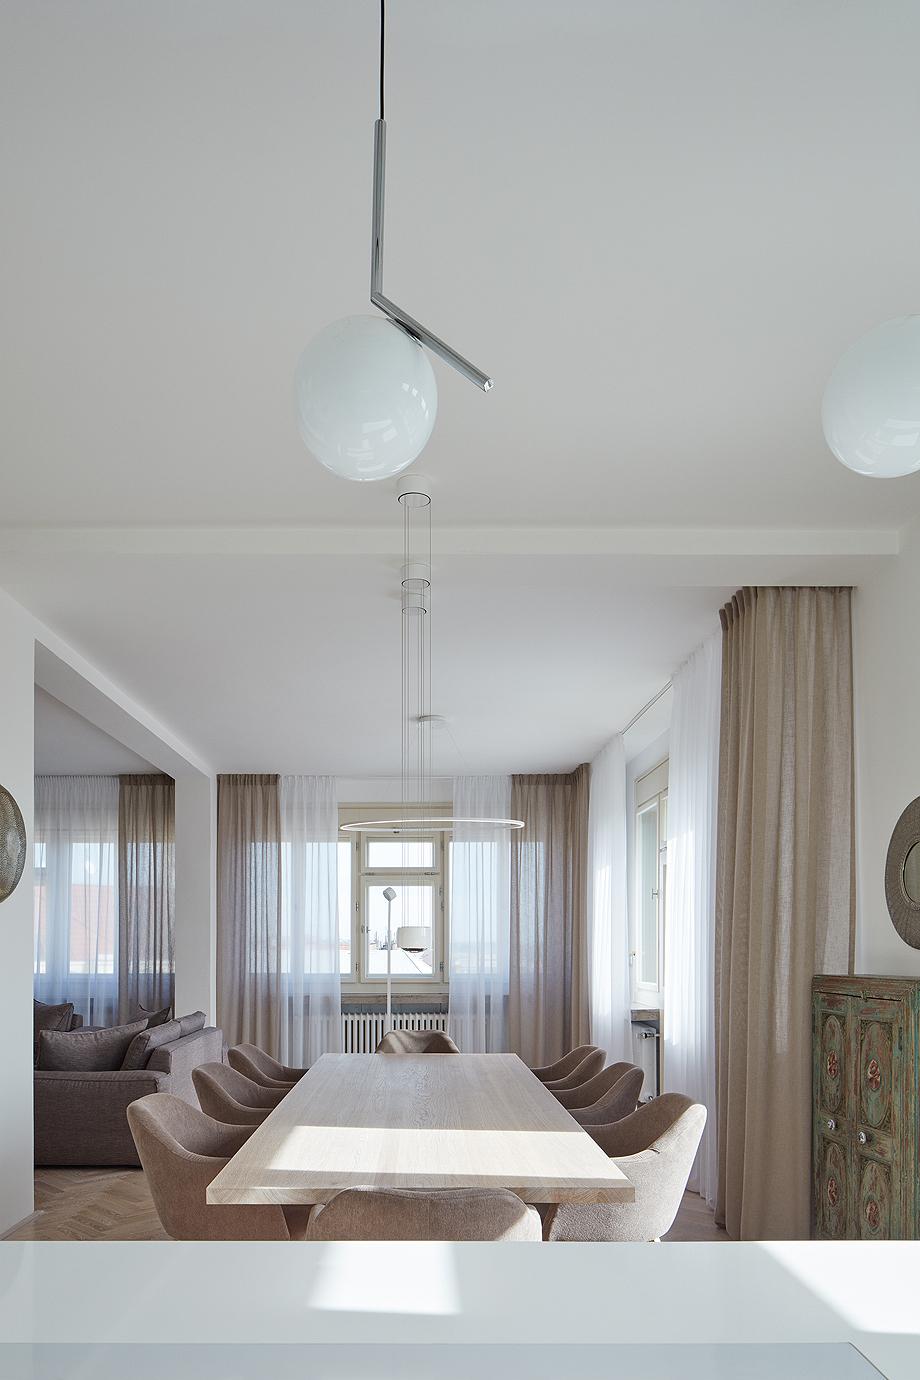 apartamento hamrova letna apartment objectum (5)